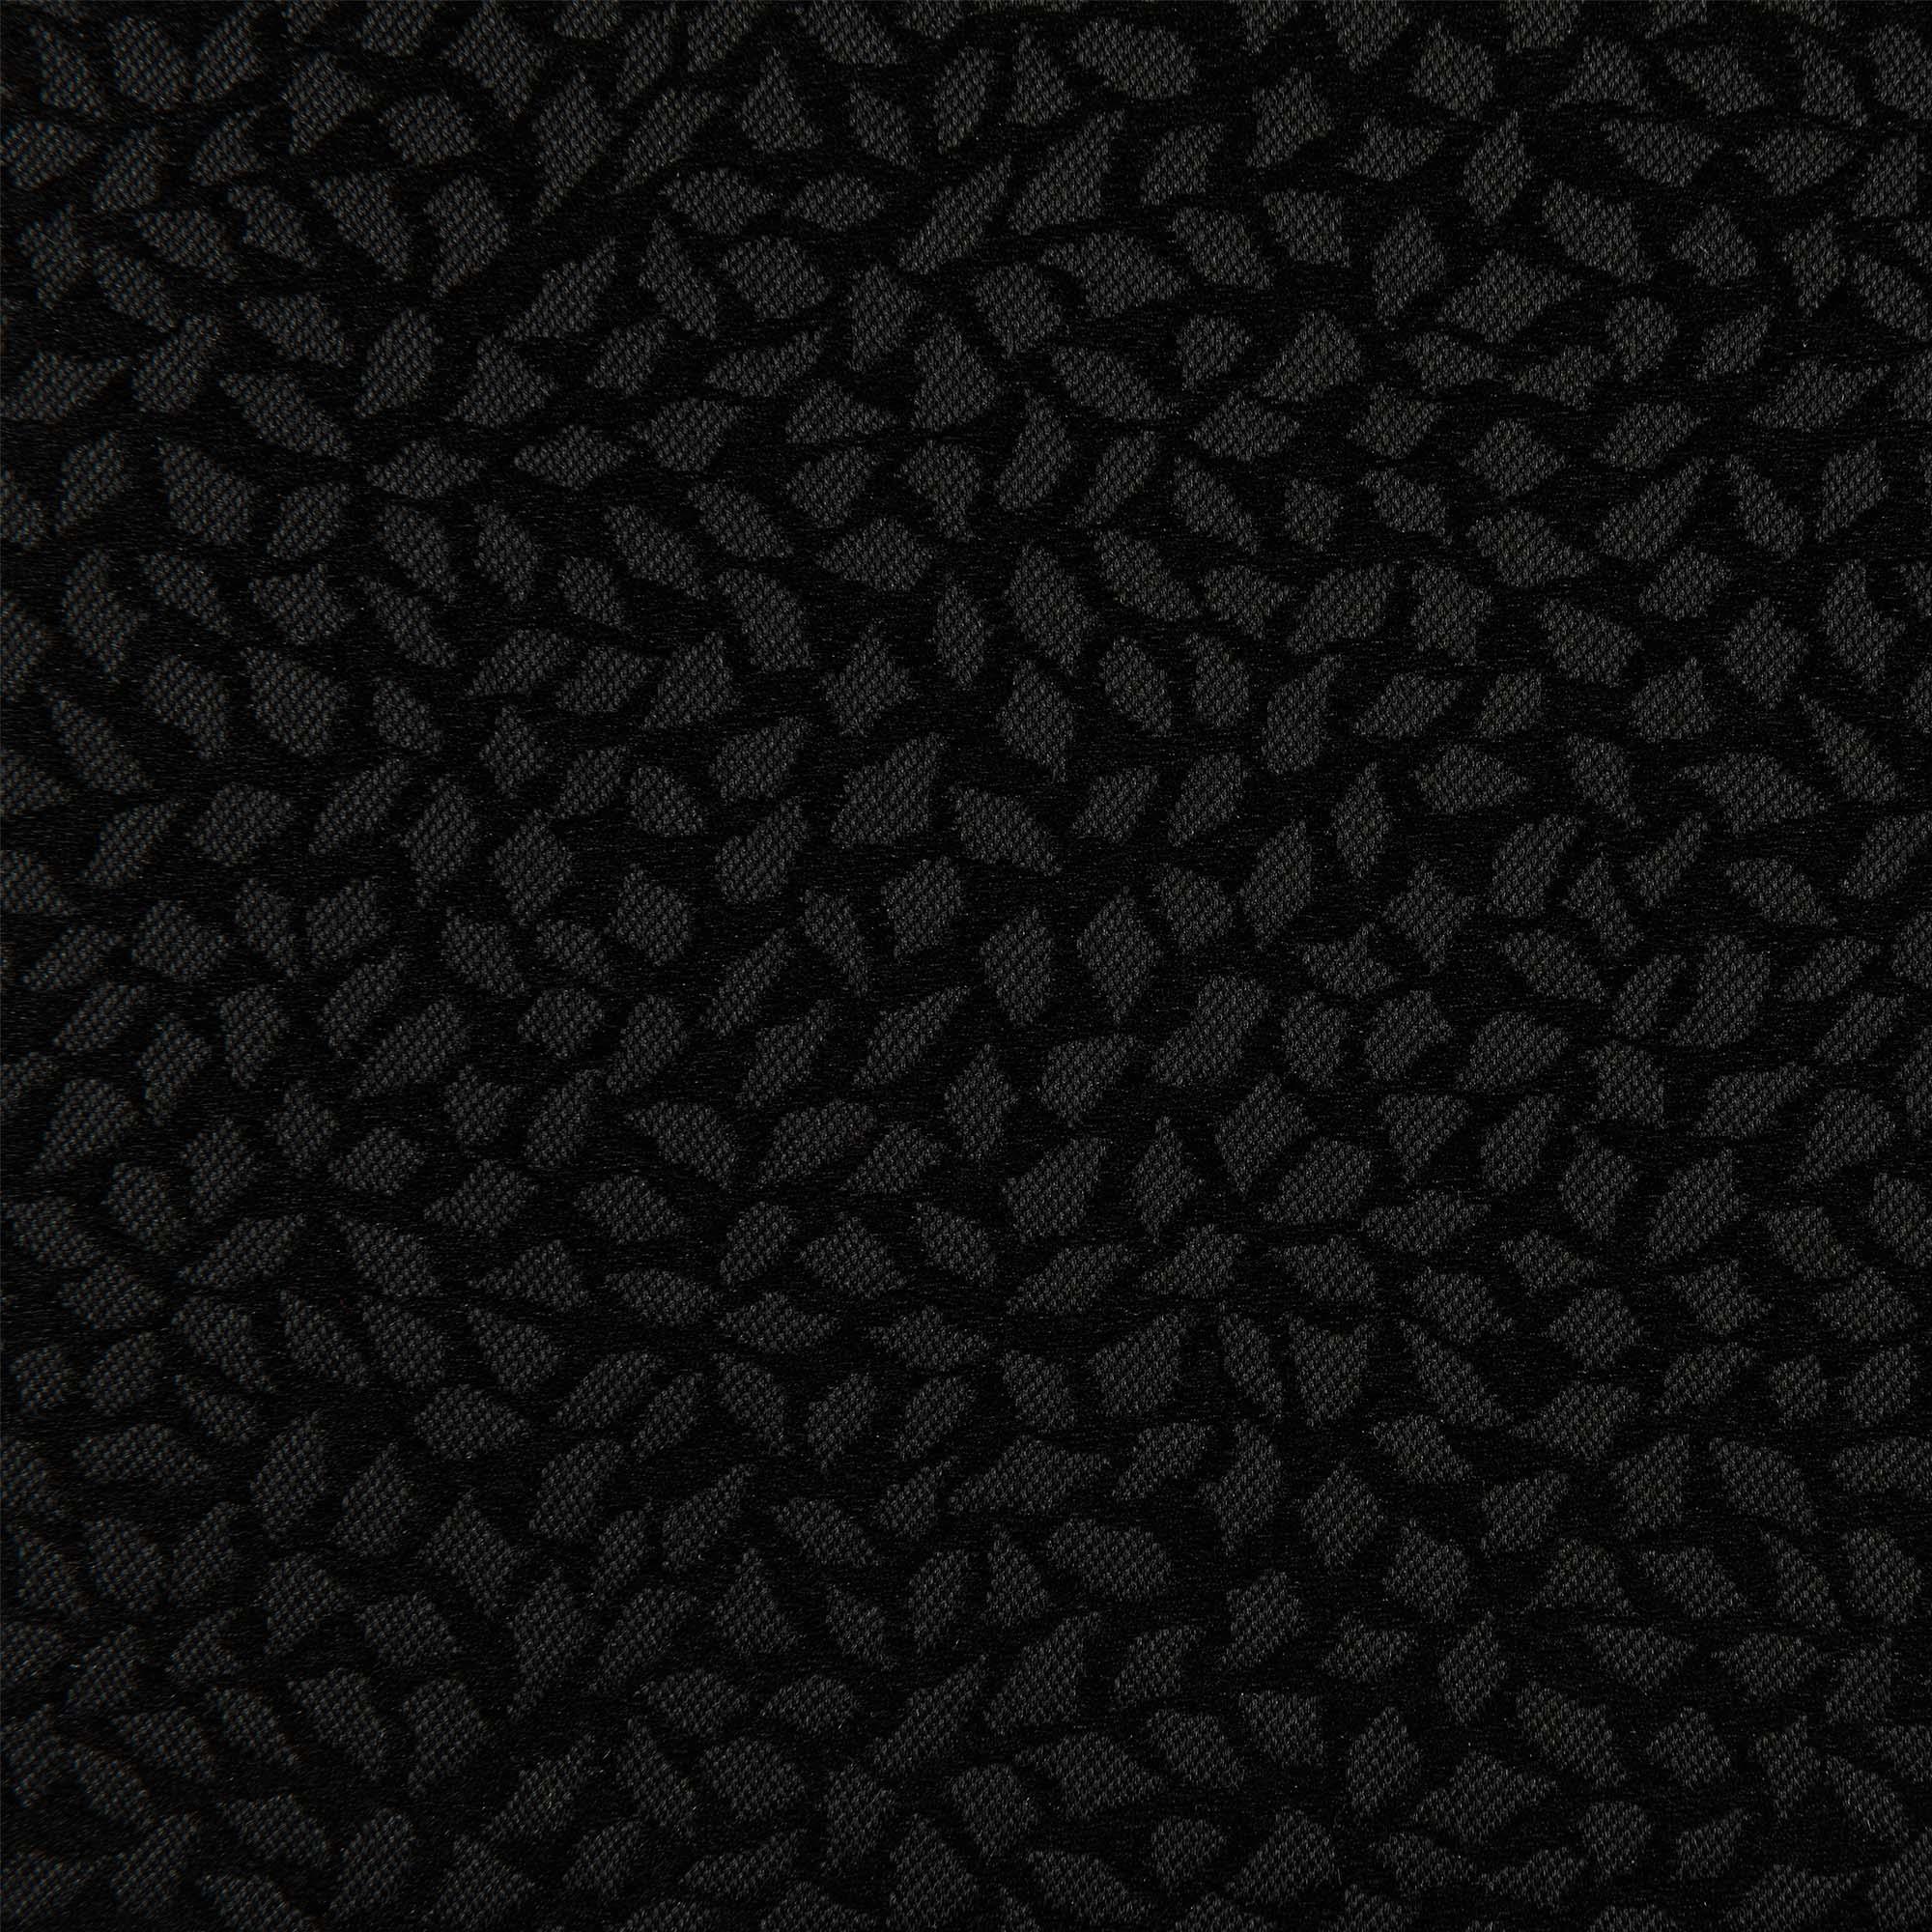 Alessi Jet Blind Fabric